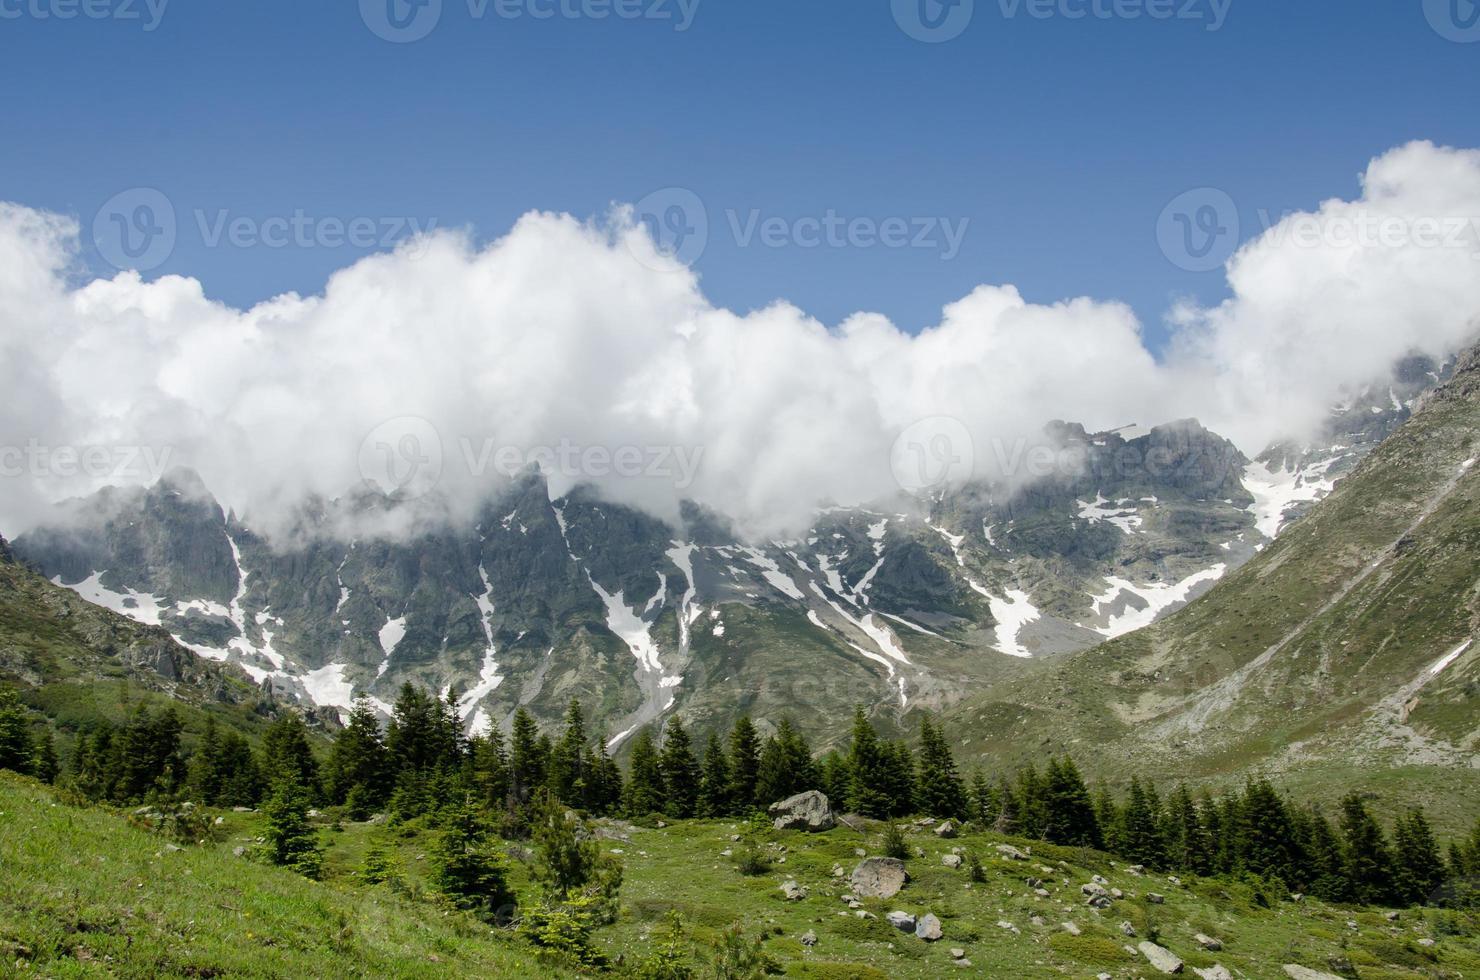 nuvem acima da montanha foto